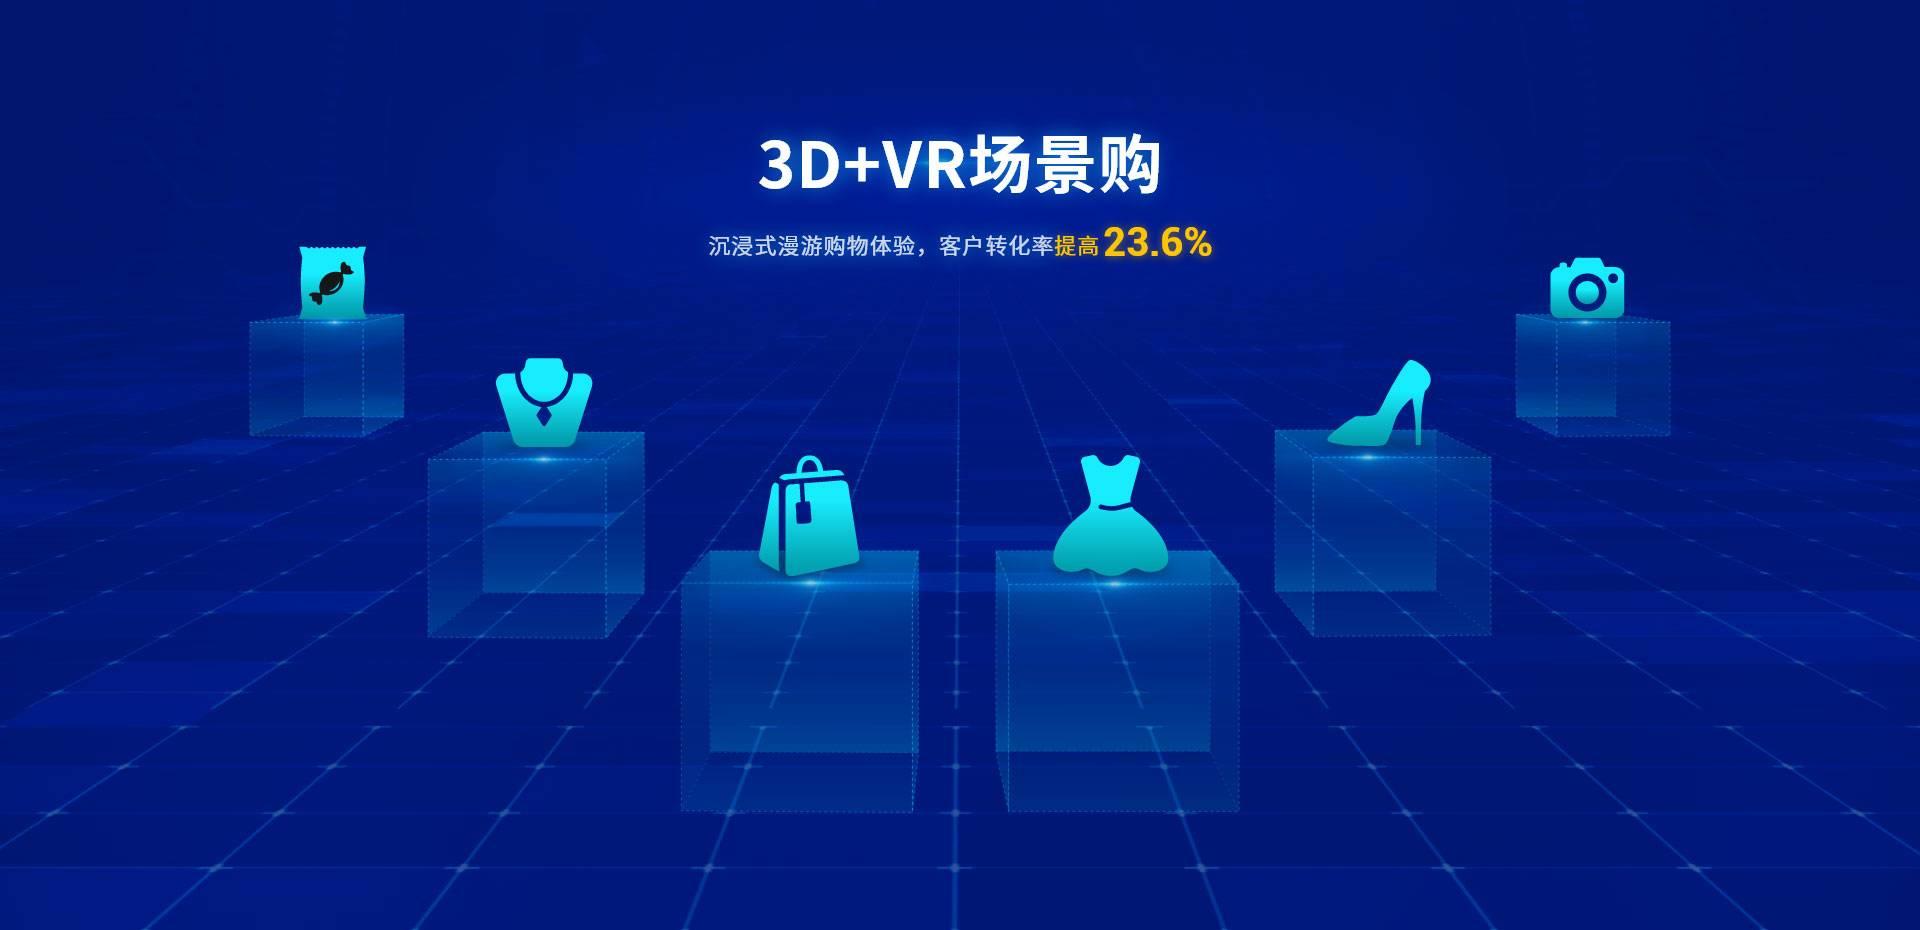 VR线上全景虚拟3D企业展厅